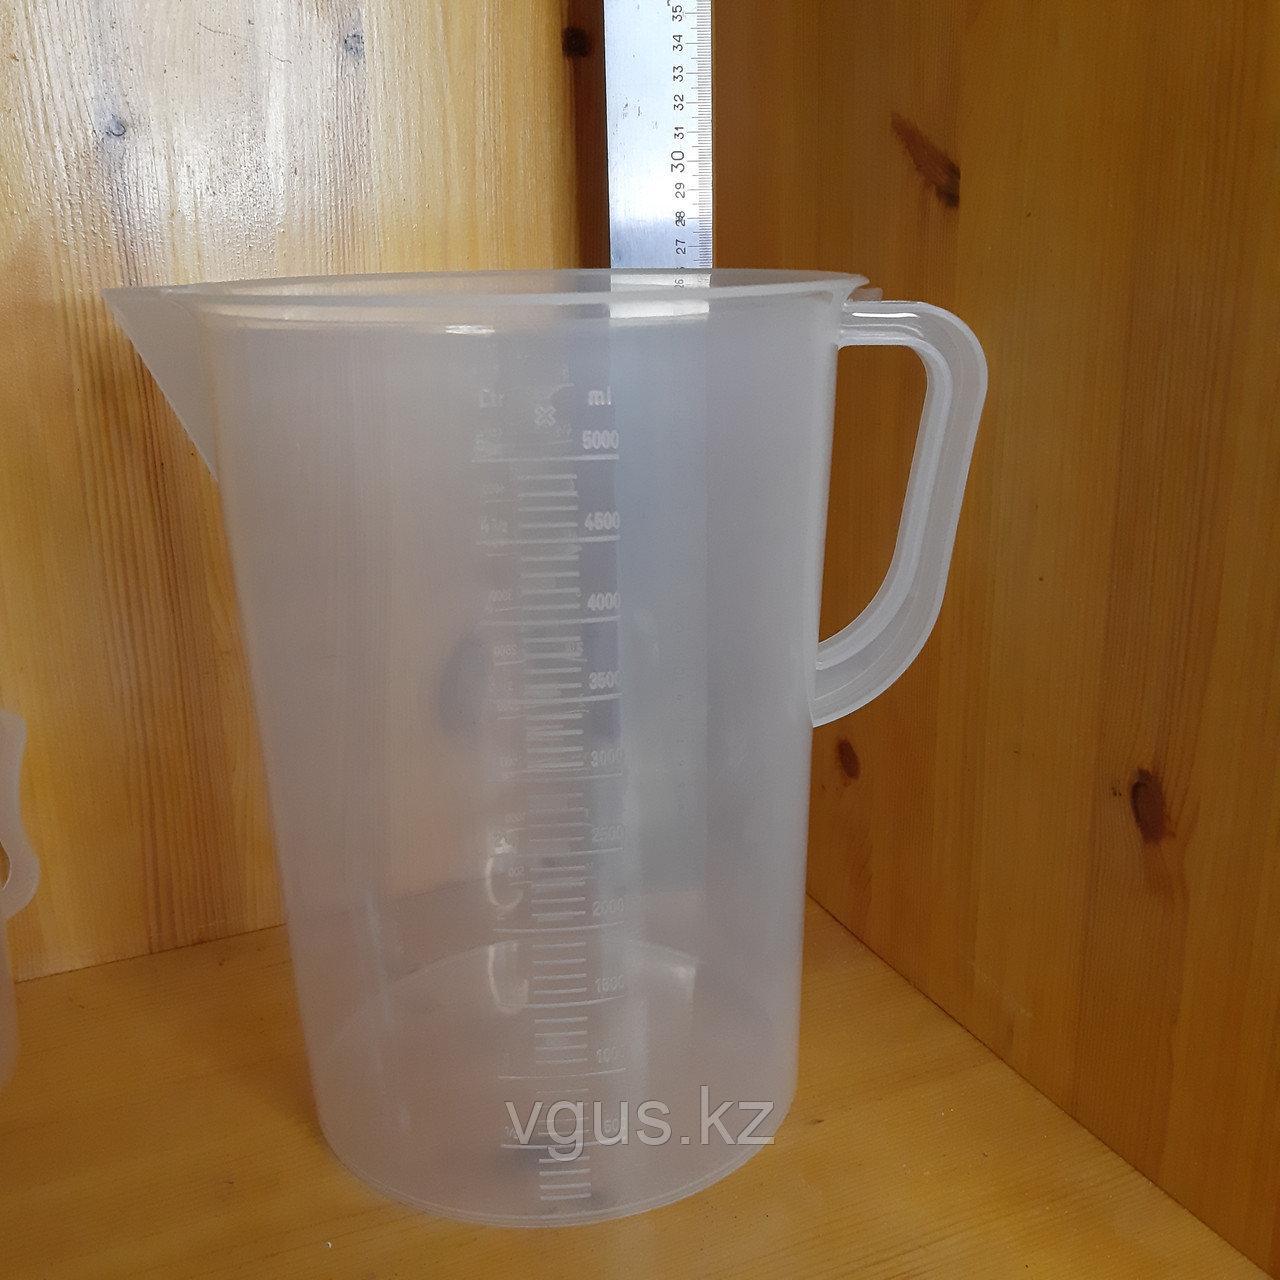 Кувшин мерный пластик 5000 мл.